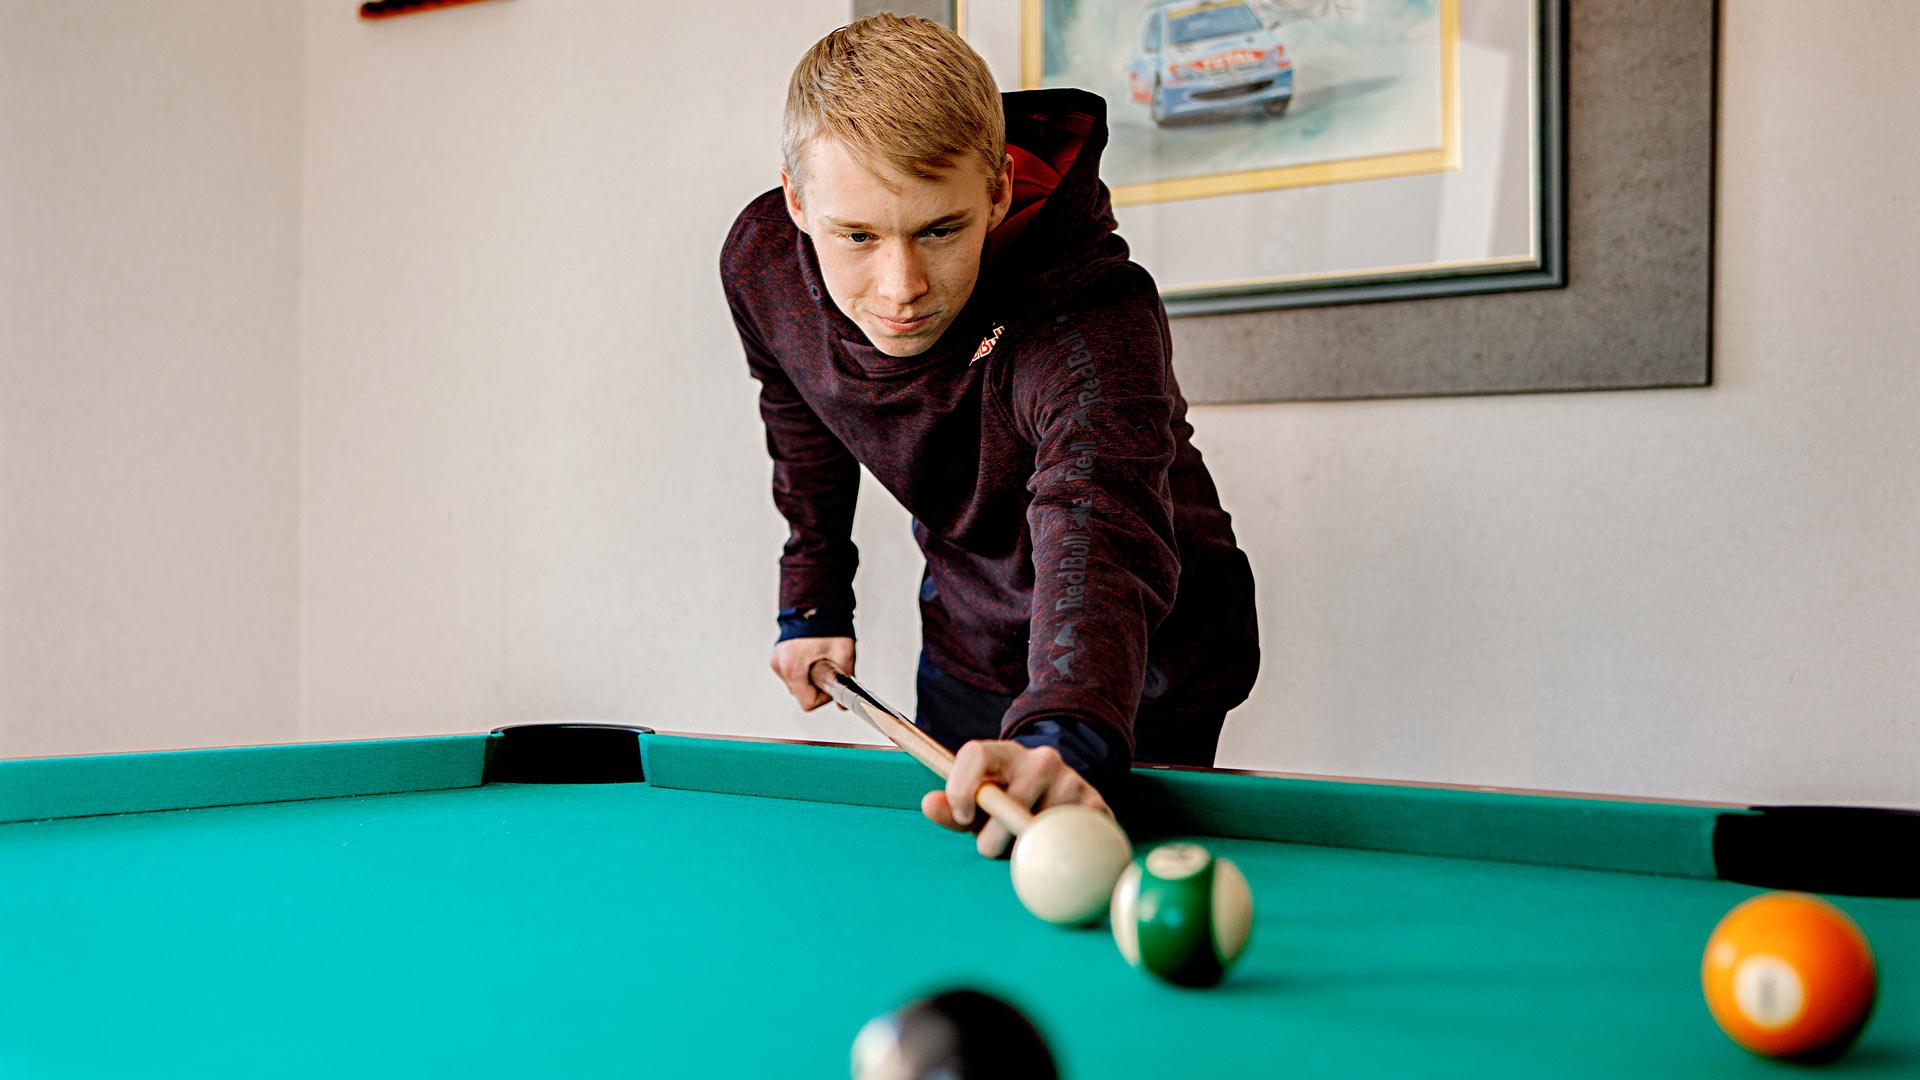 Kalle Rovanperä elää tavallista nuoren miehen elämää peleineen ja tv:n katseluineen silloin harvoin, kun hän on vapaalla.